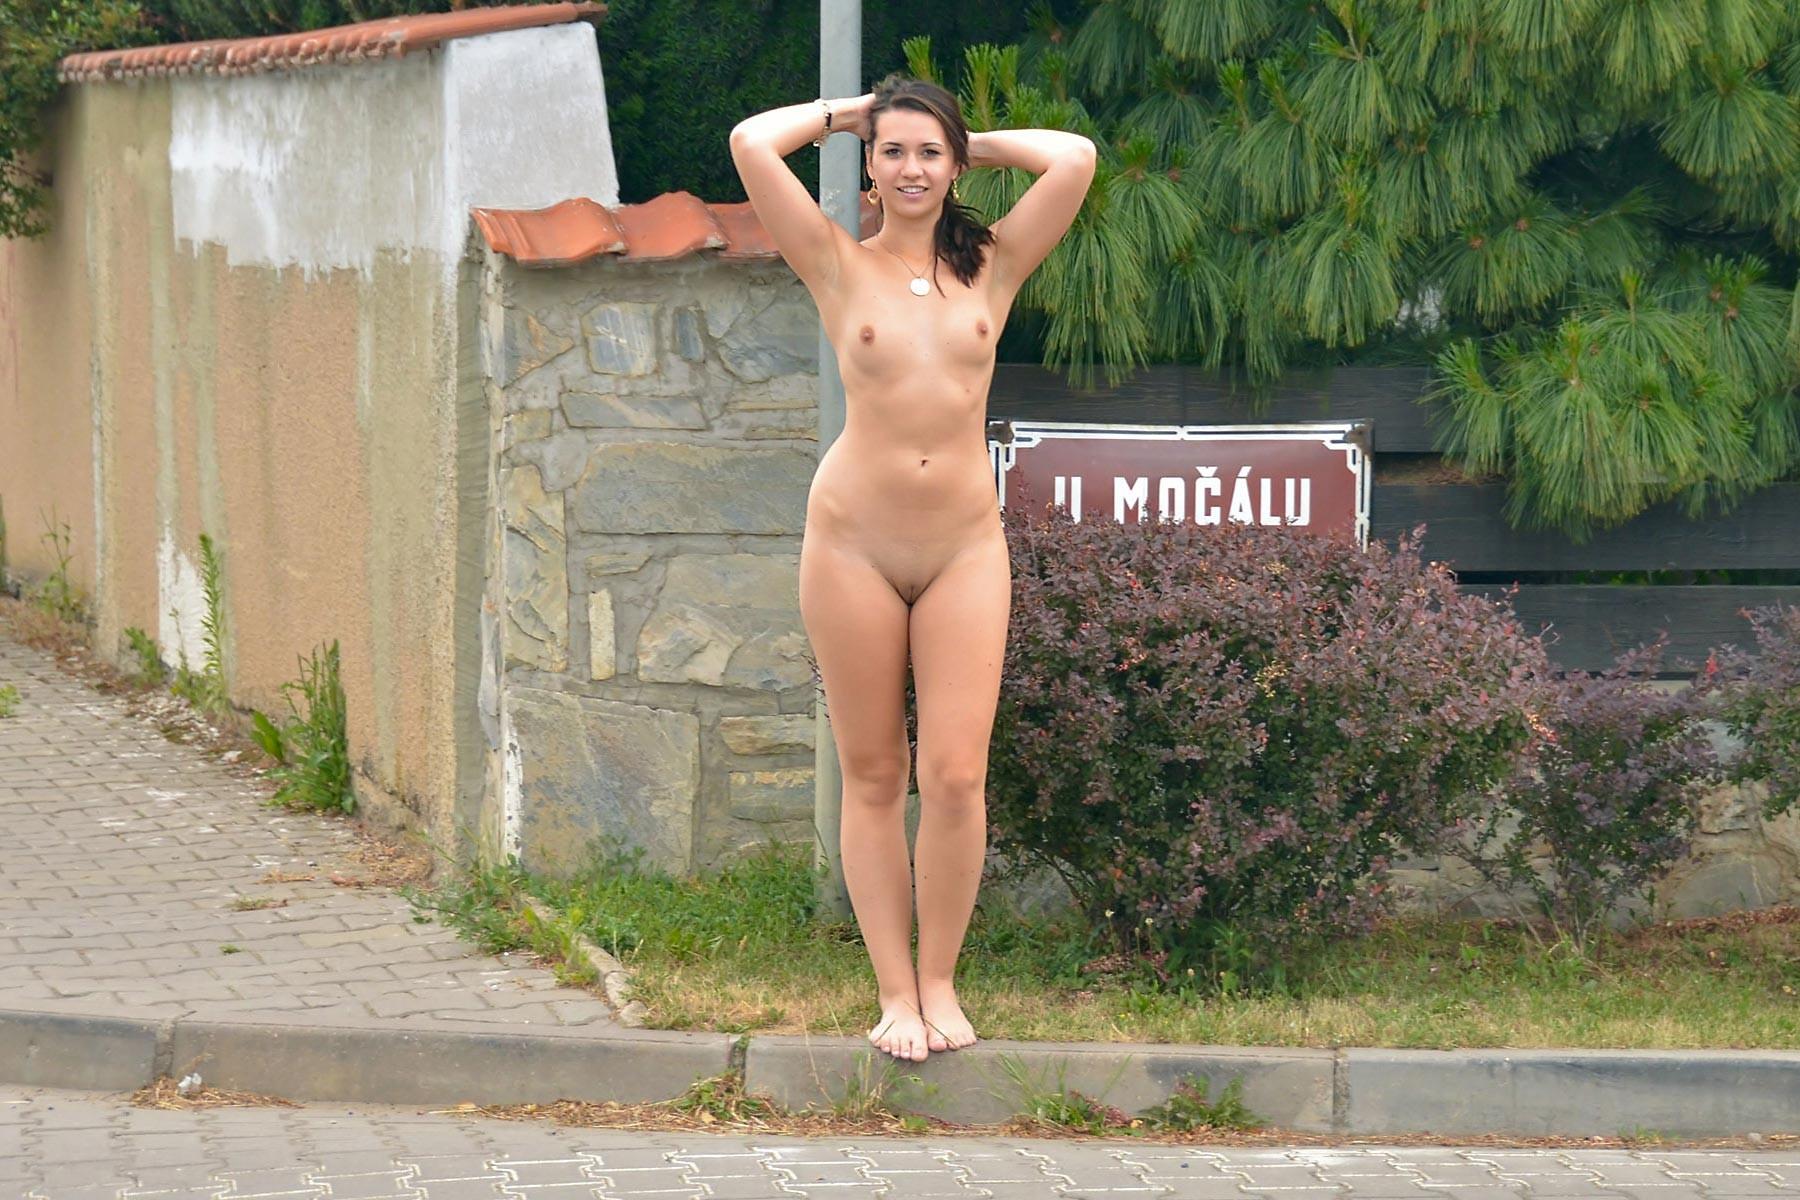 Очень милая девушка голая гуляет на улице